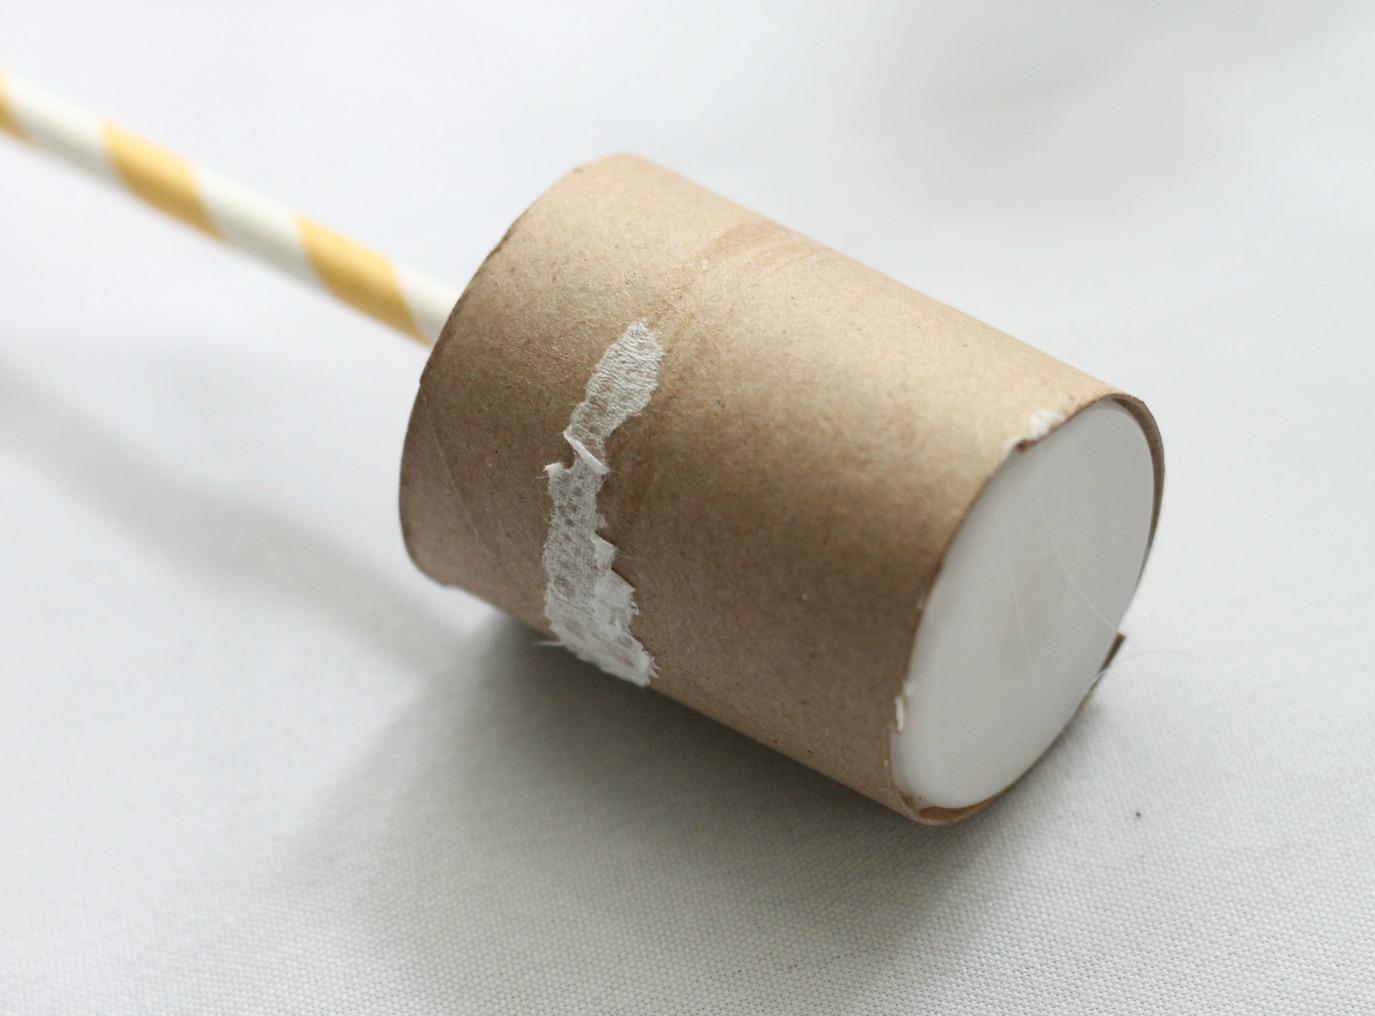 DIY Confetti Popper - stopper